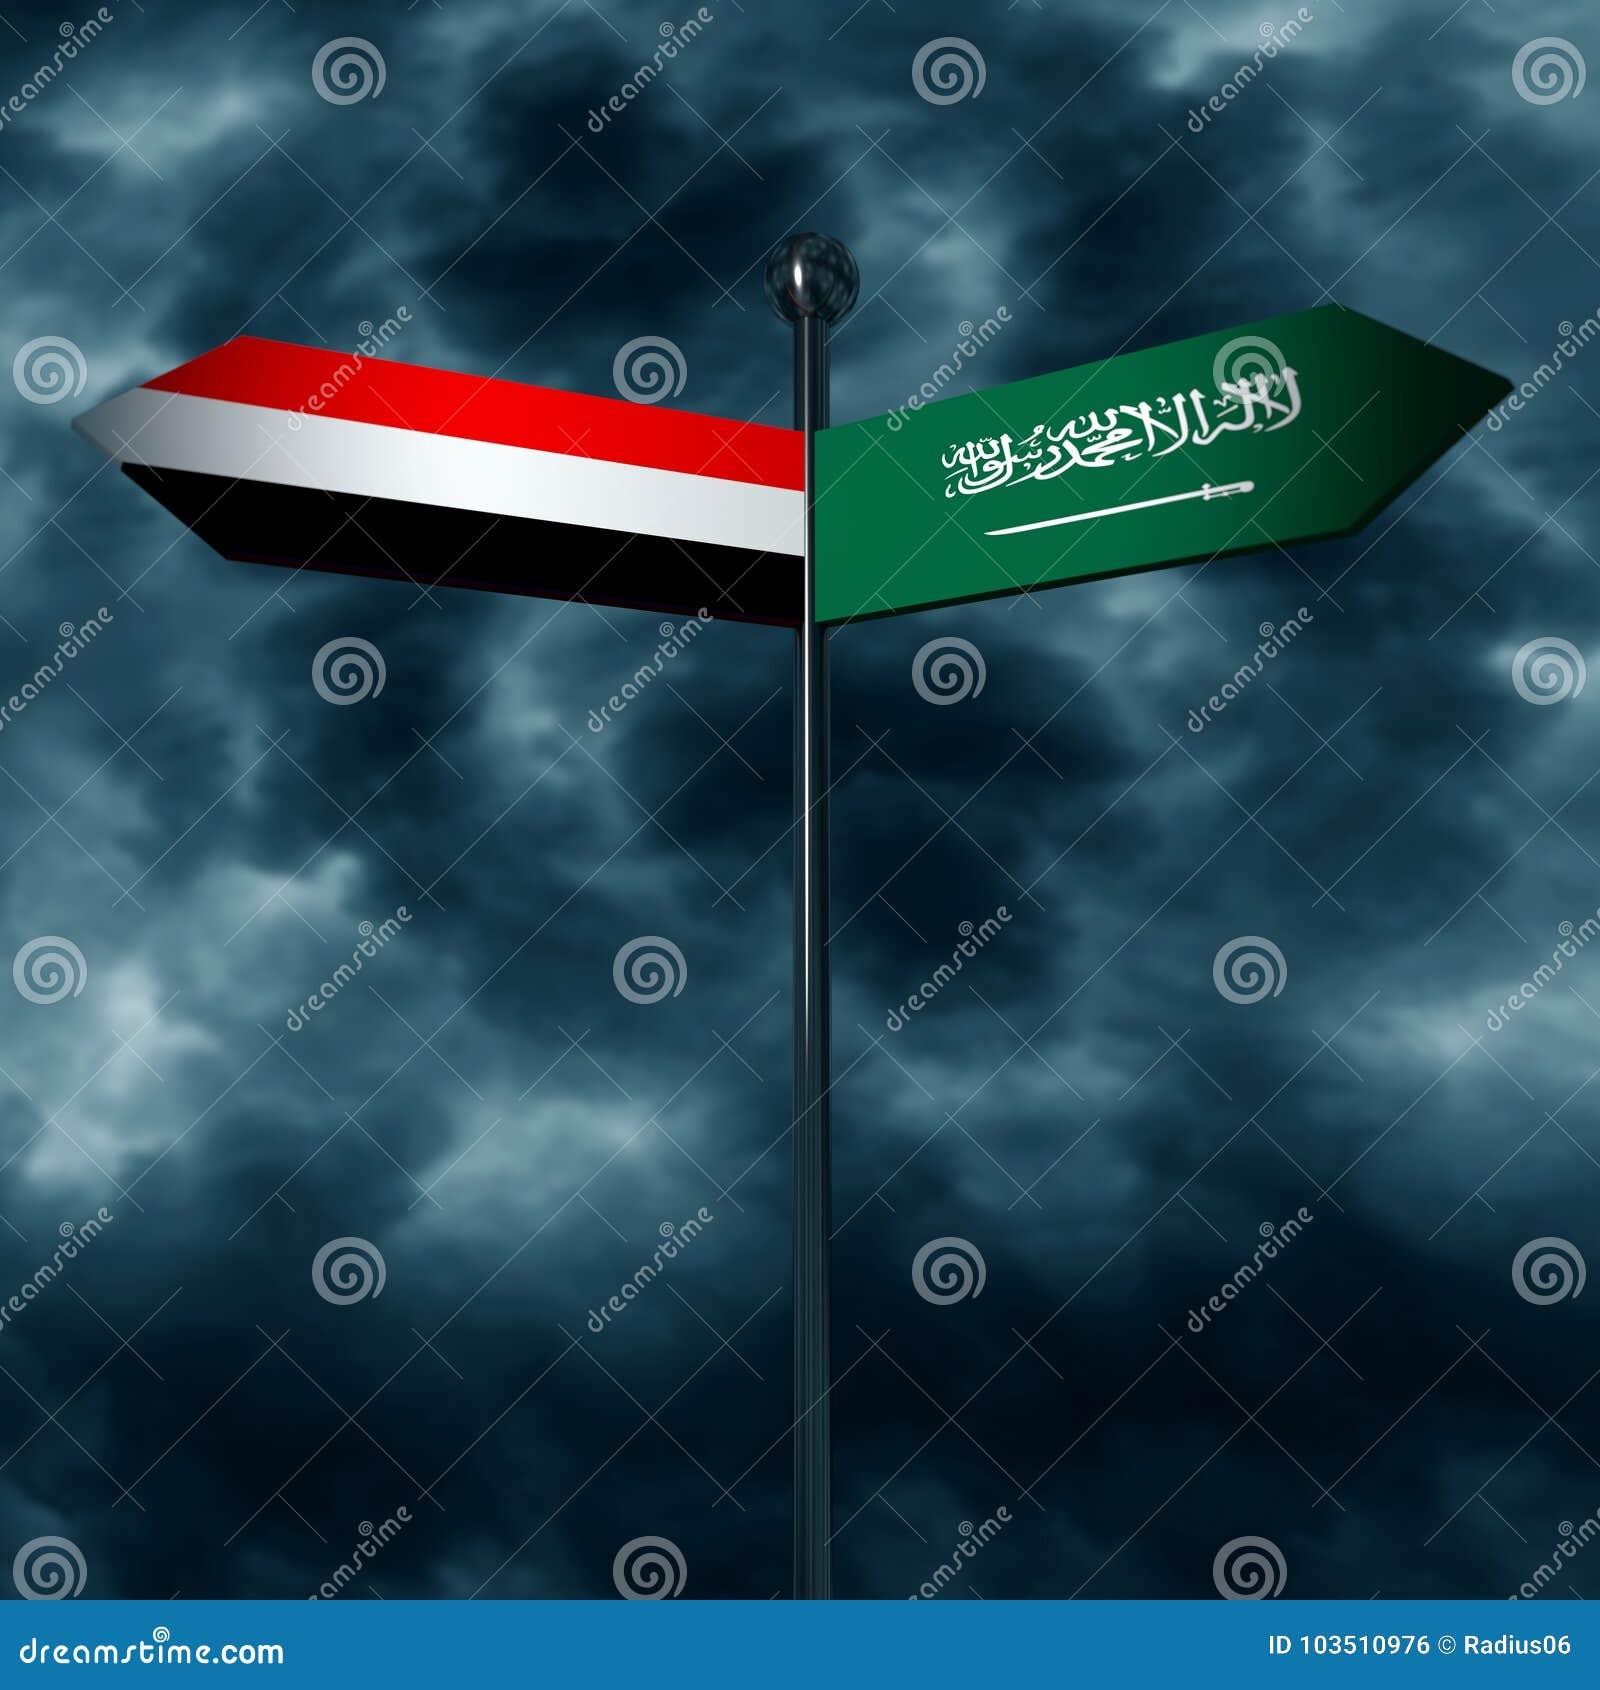 Saudi Arabia And Yemen Politic Relationships Stock Photo - Image of